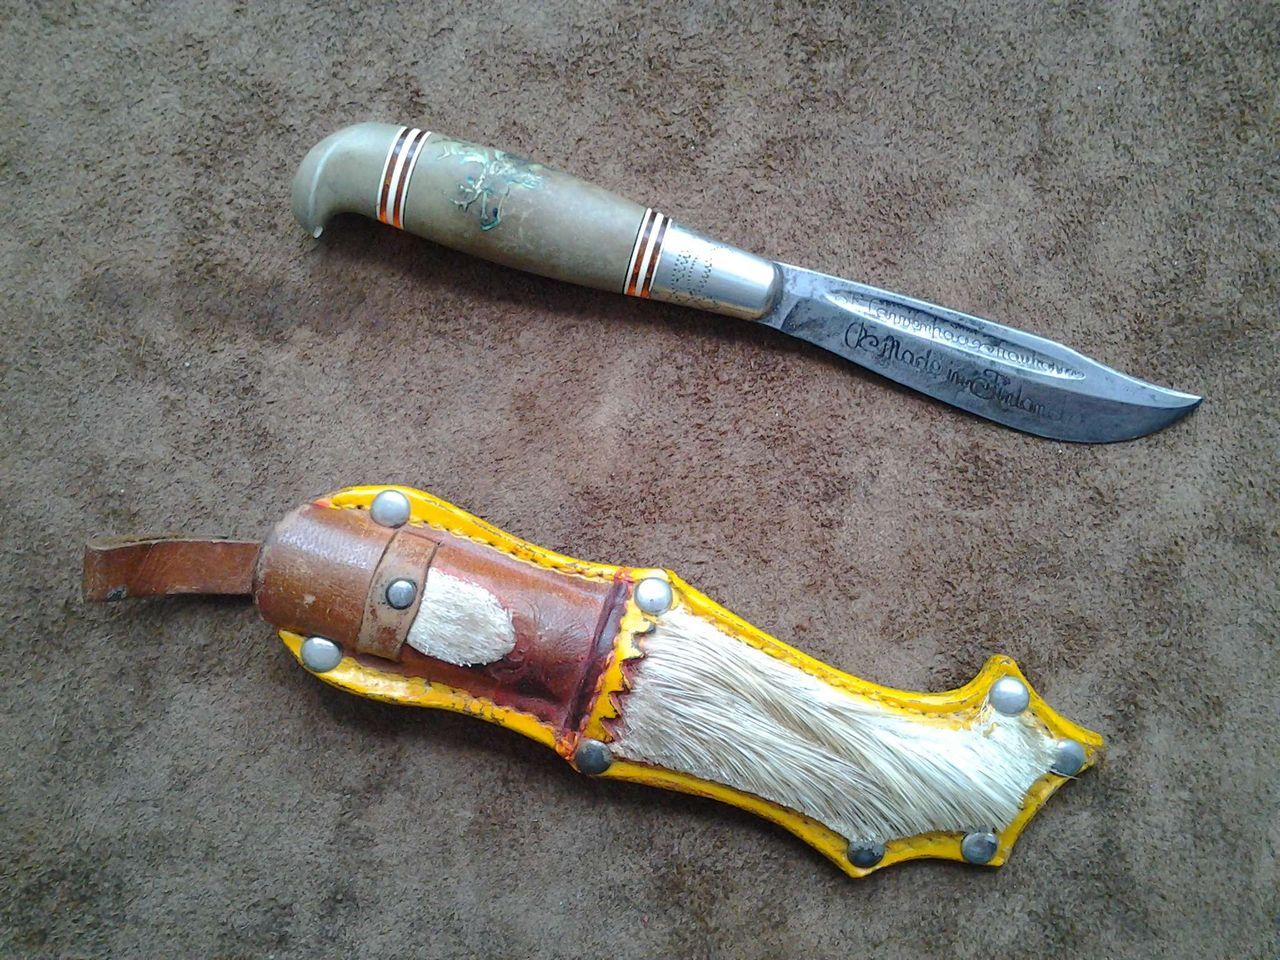 рисунки ножны для финского ножа фото семейные ли, или